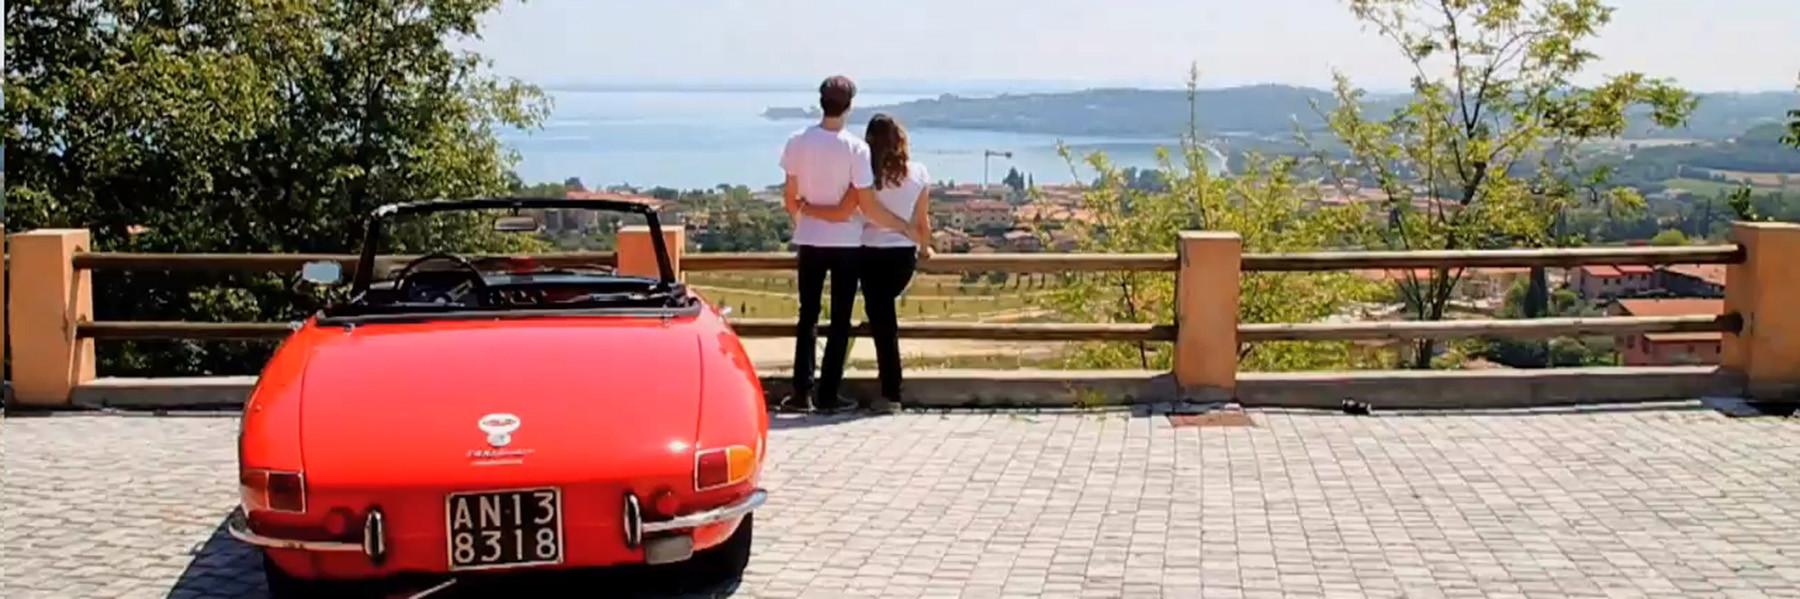 Cabriolet & Oldtimer